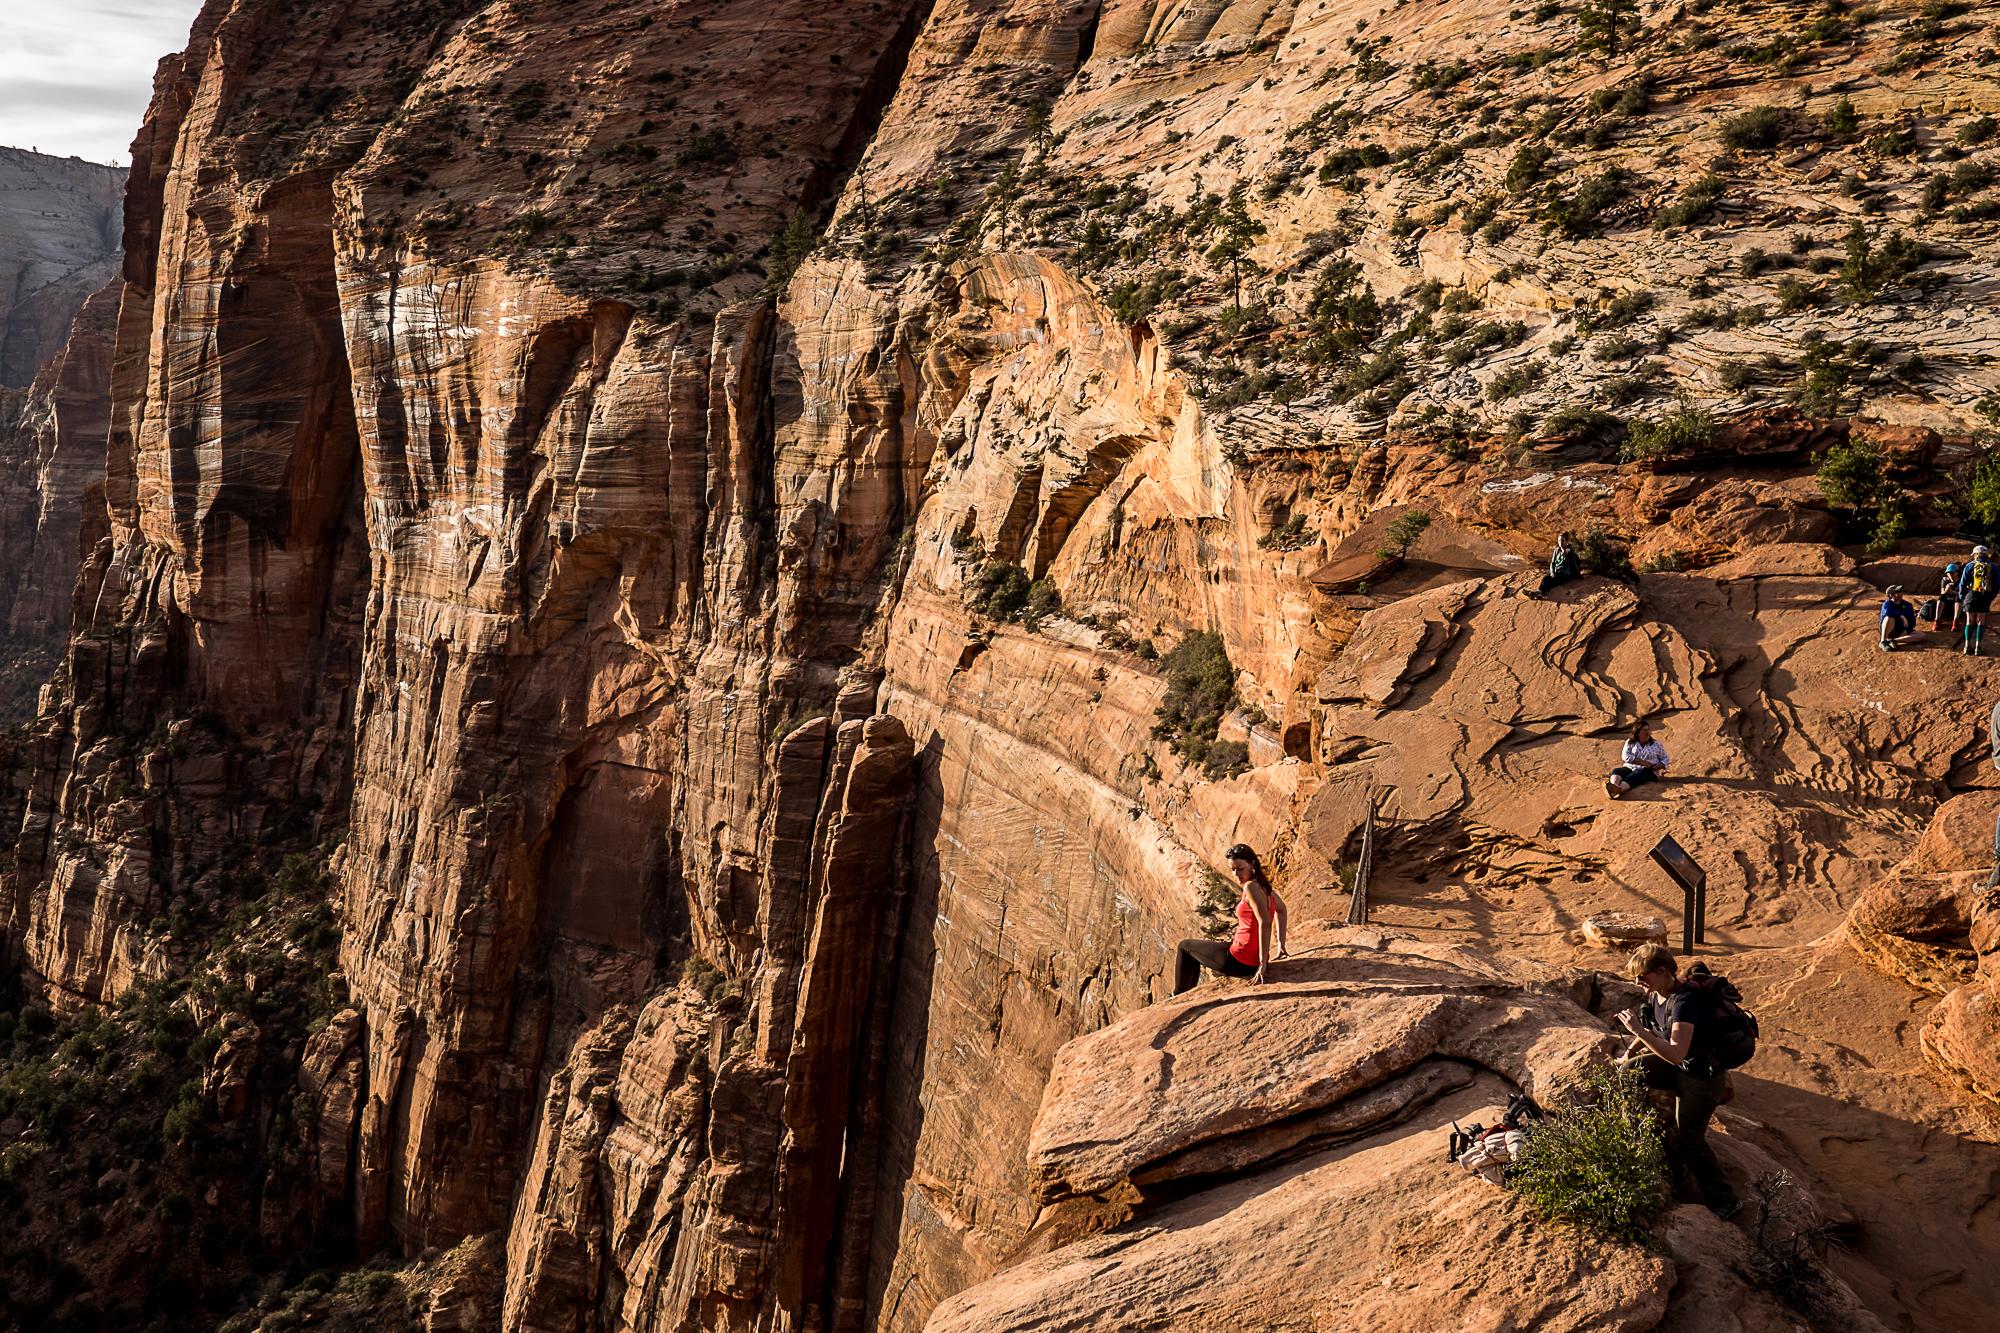 Overlook, Zion National Park